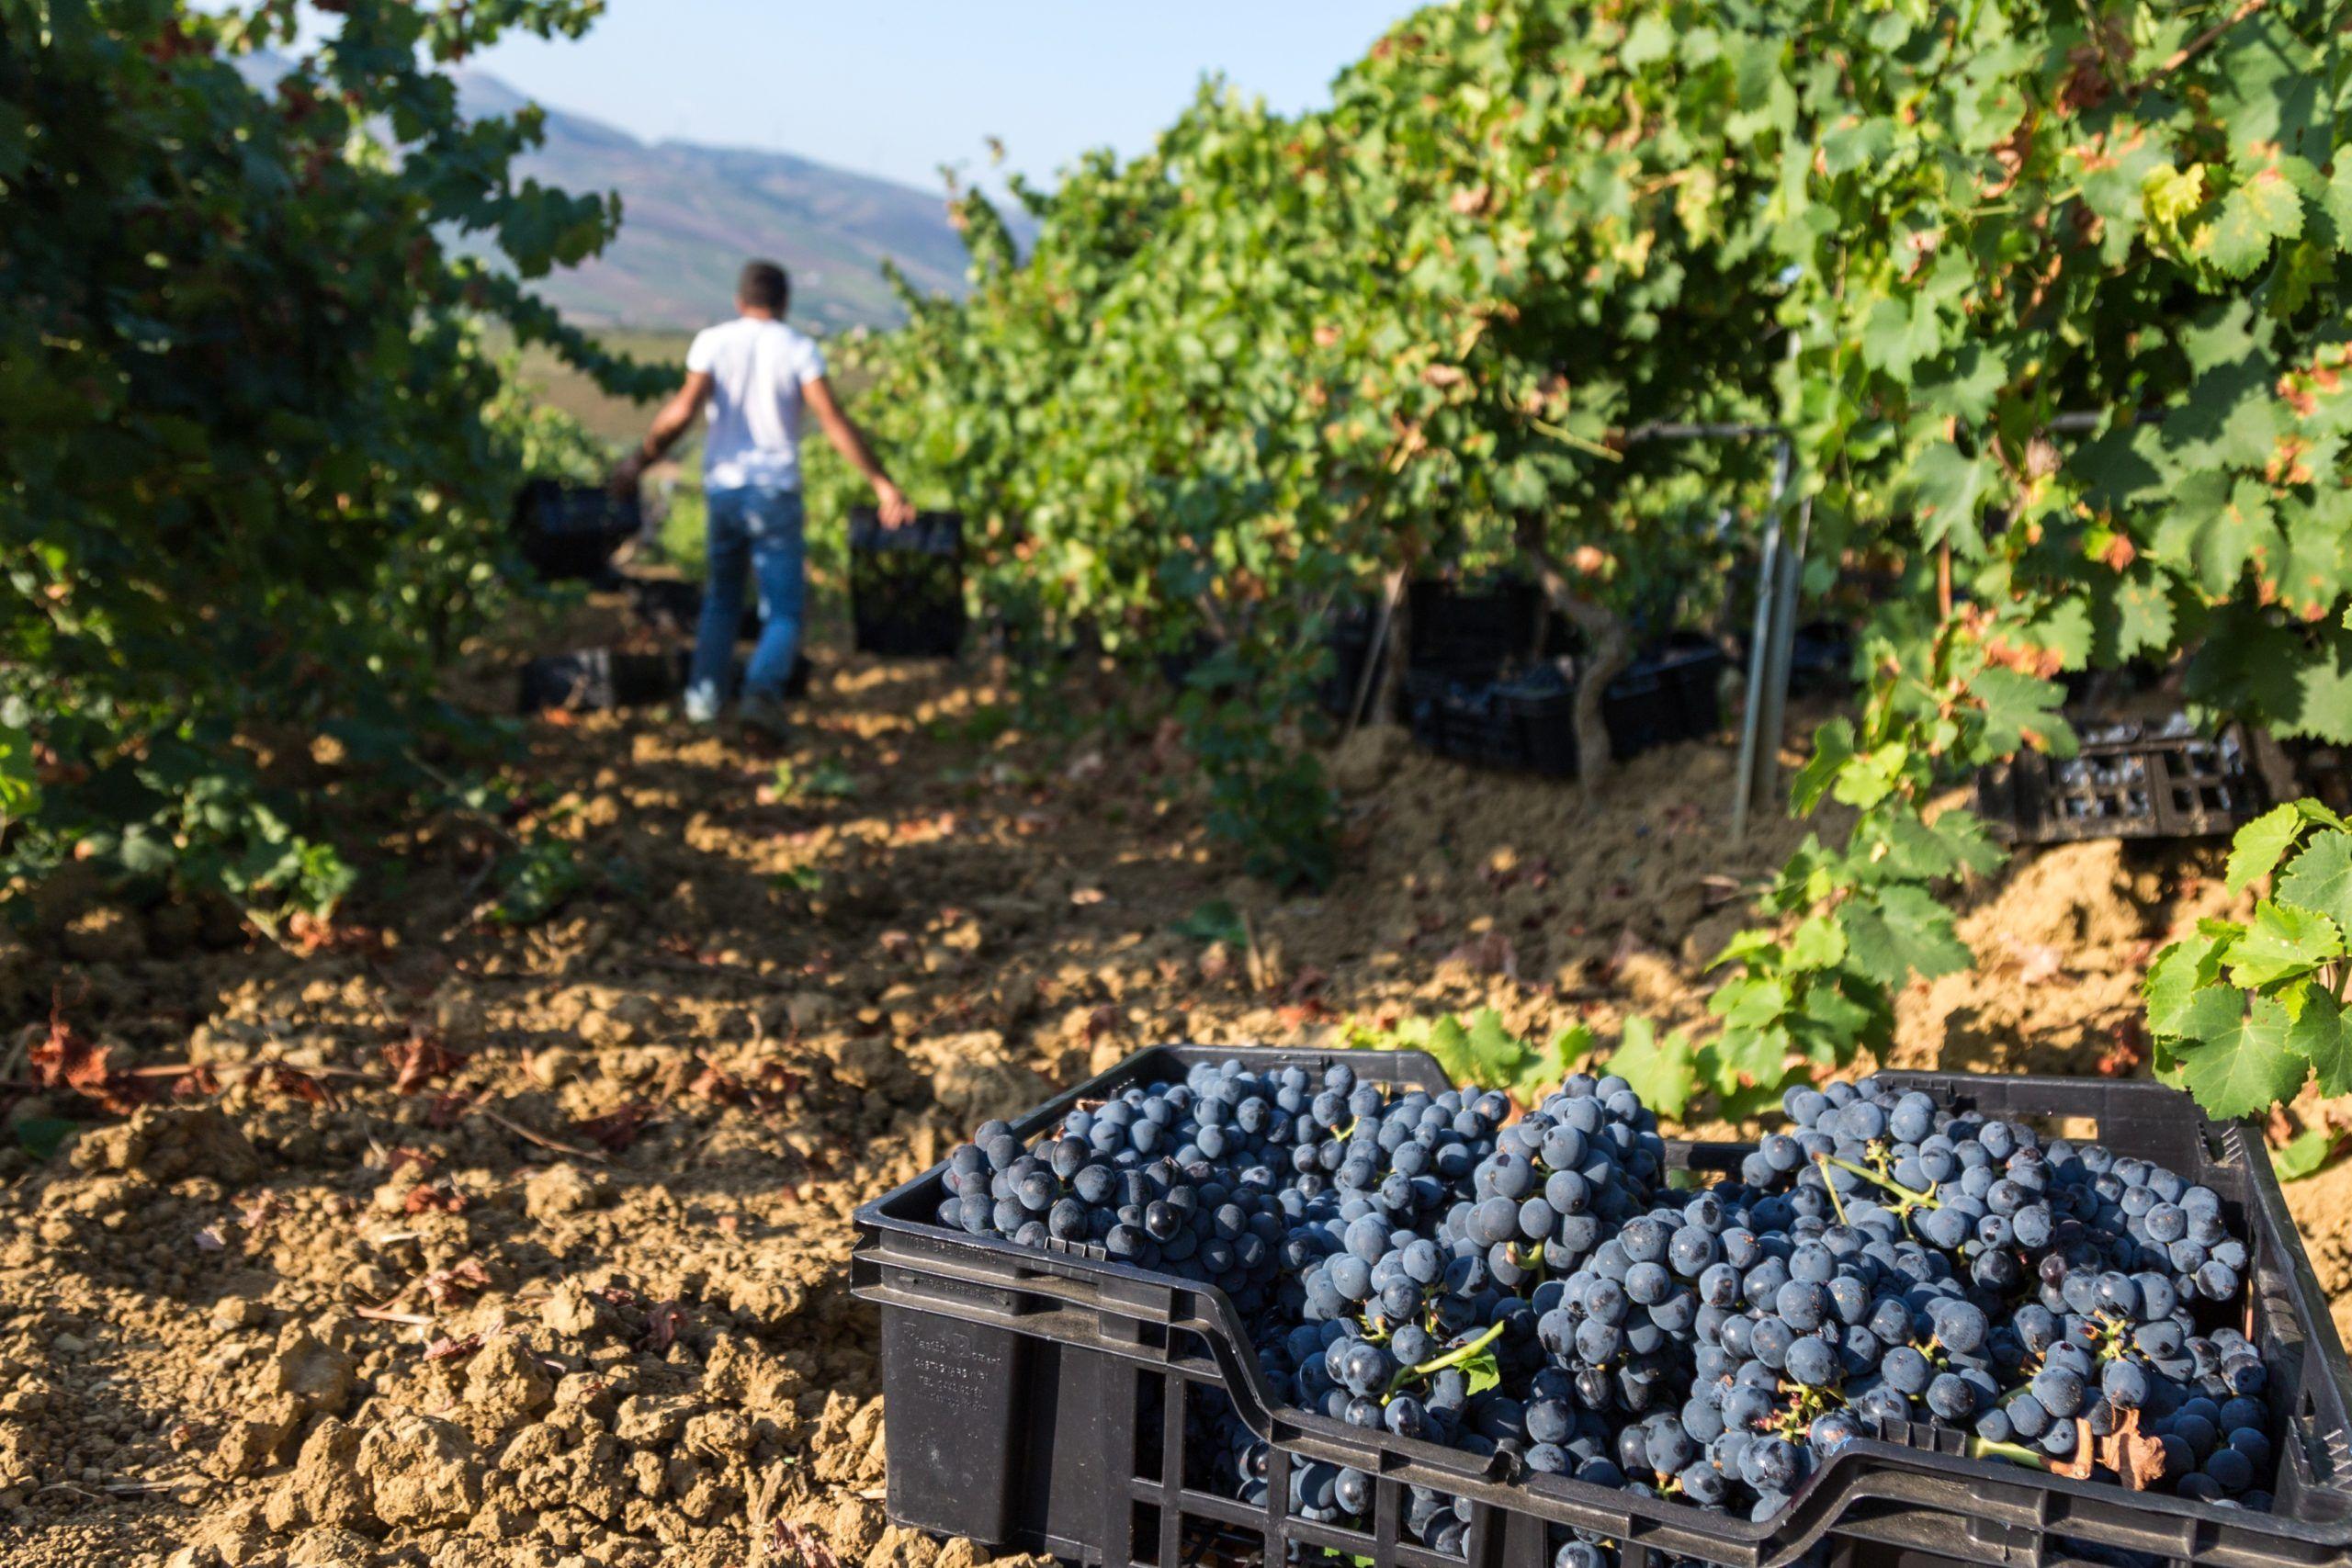 Vendemmia 2020, il parere dei produttori siciliani